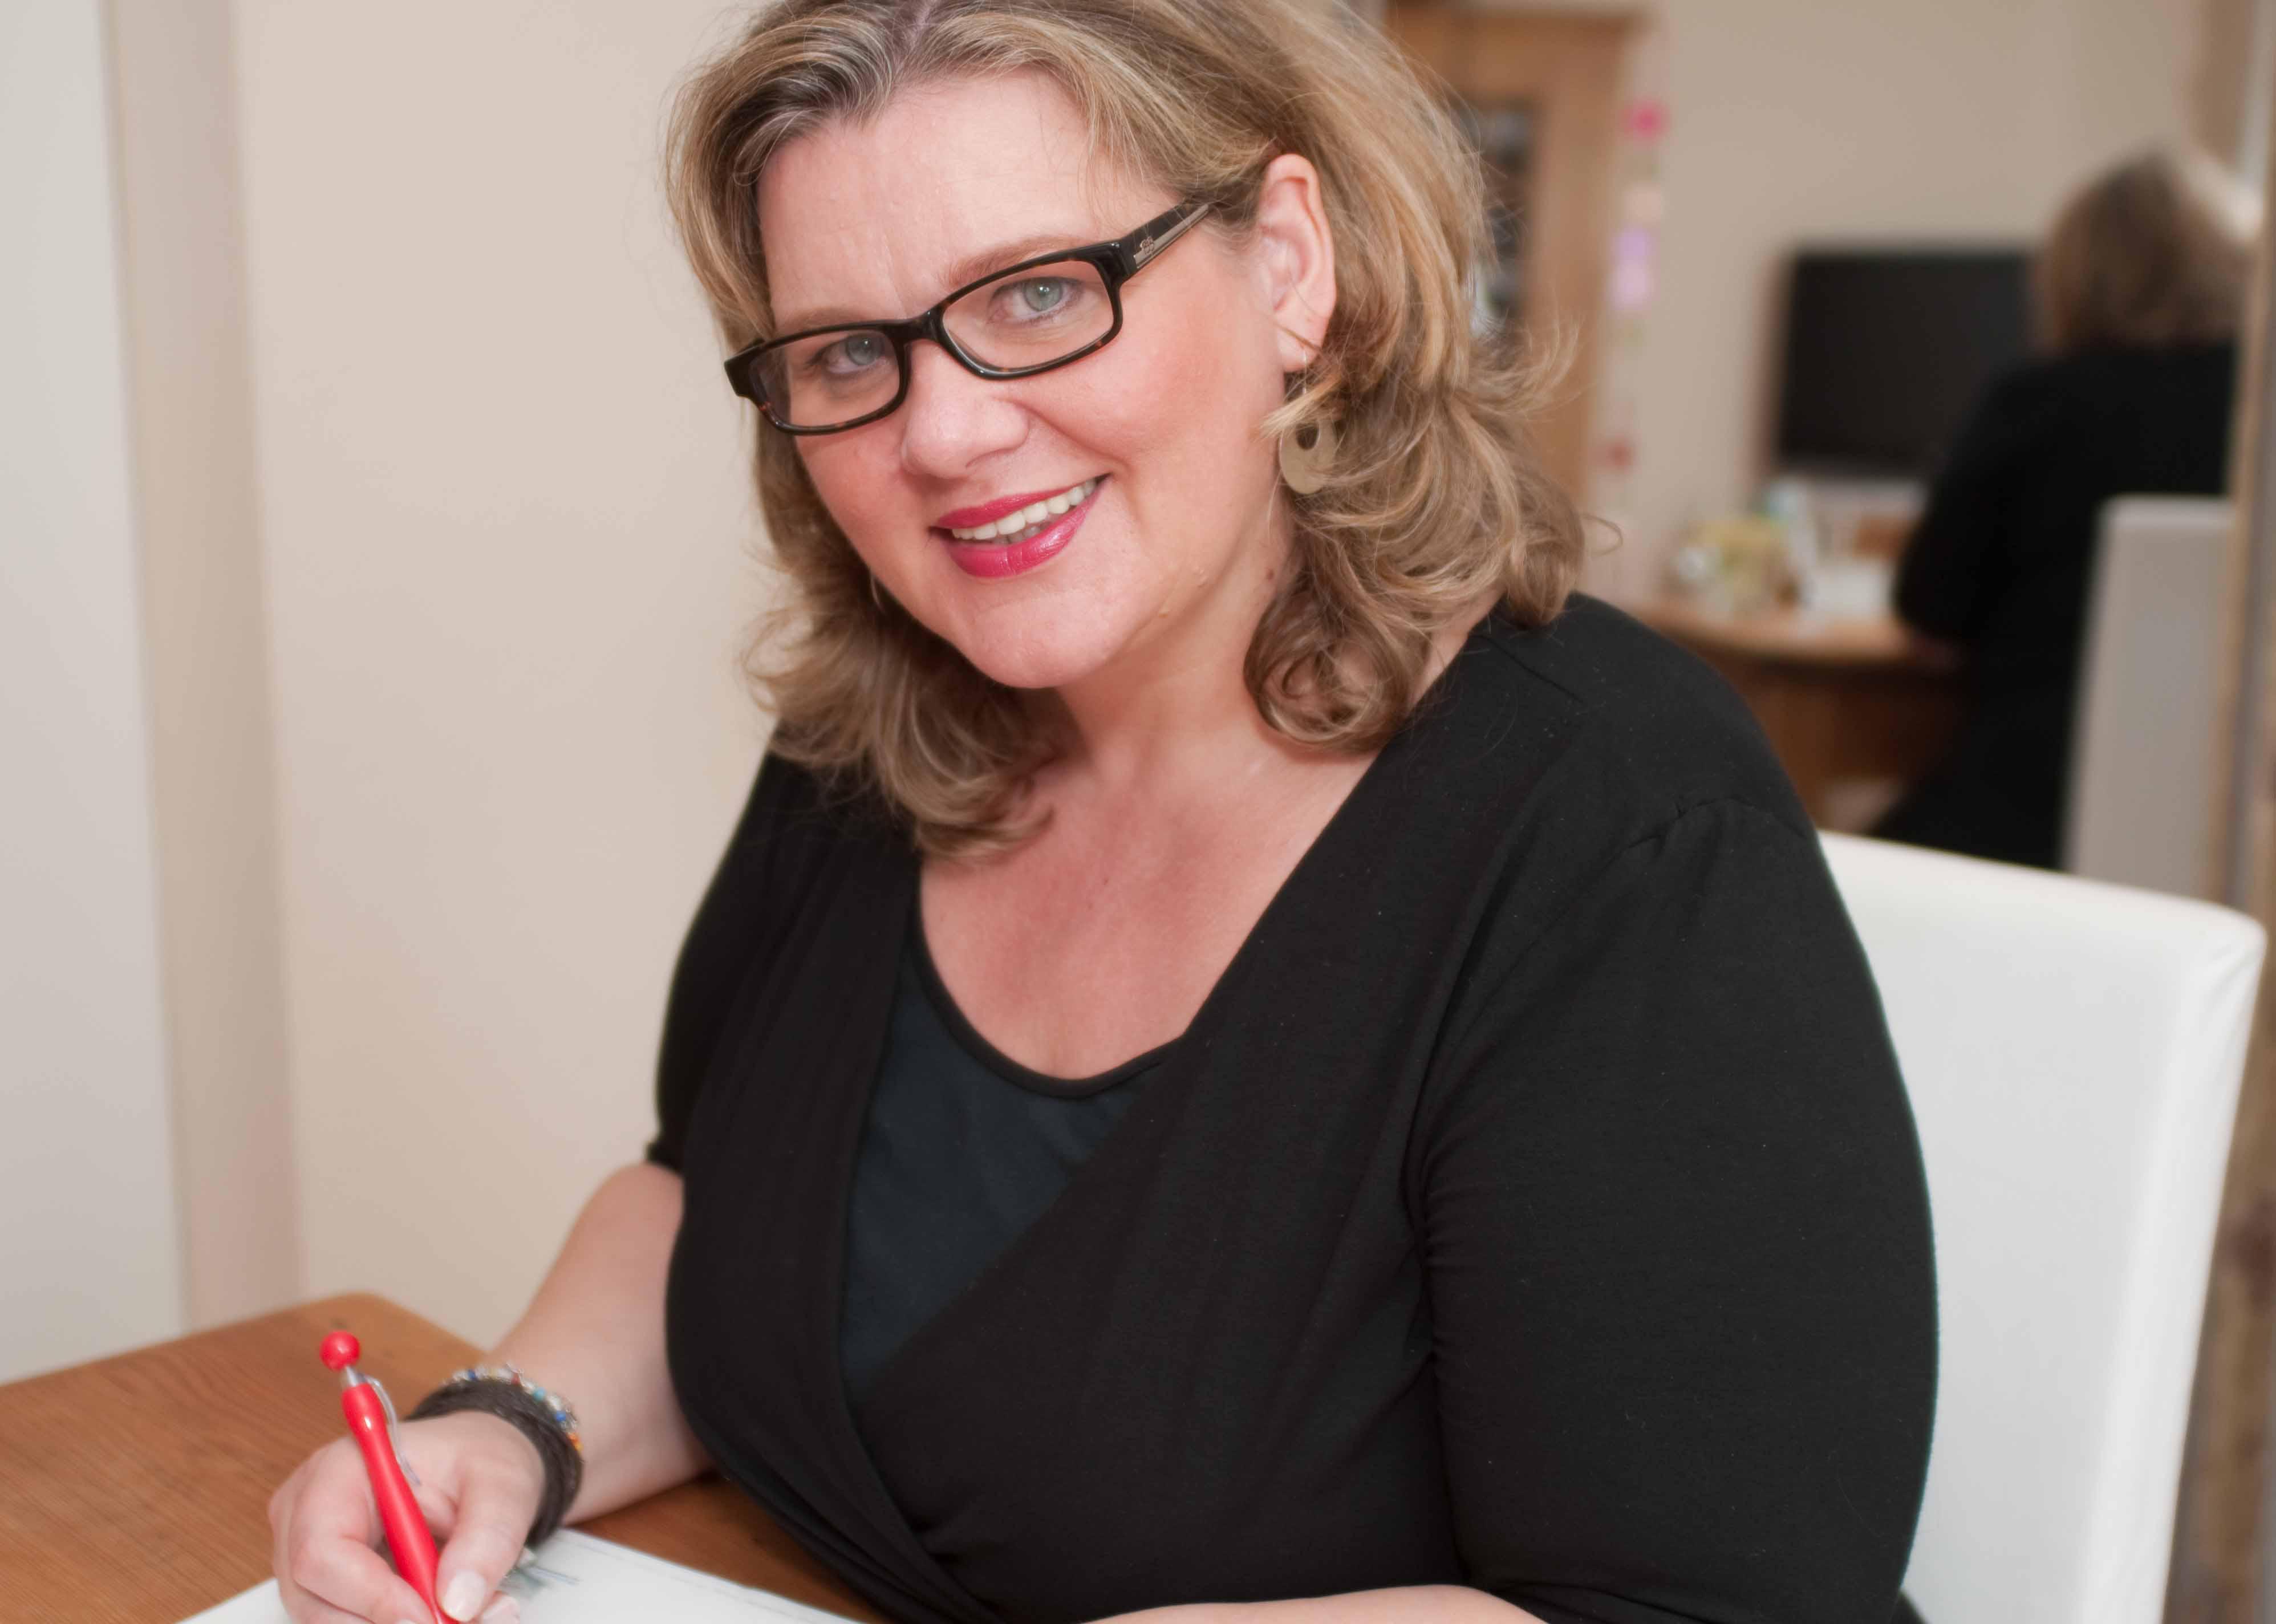 Monica Deters